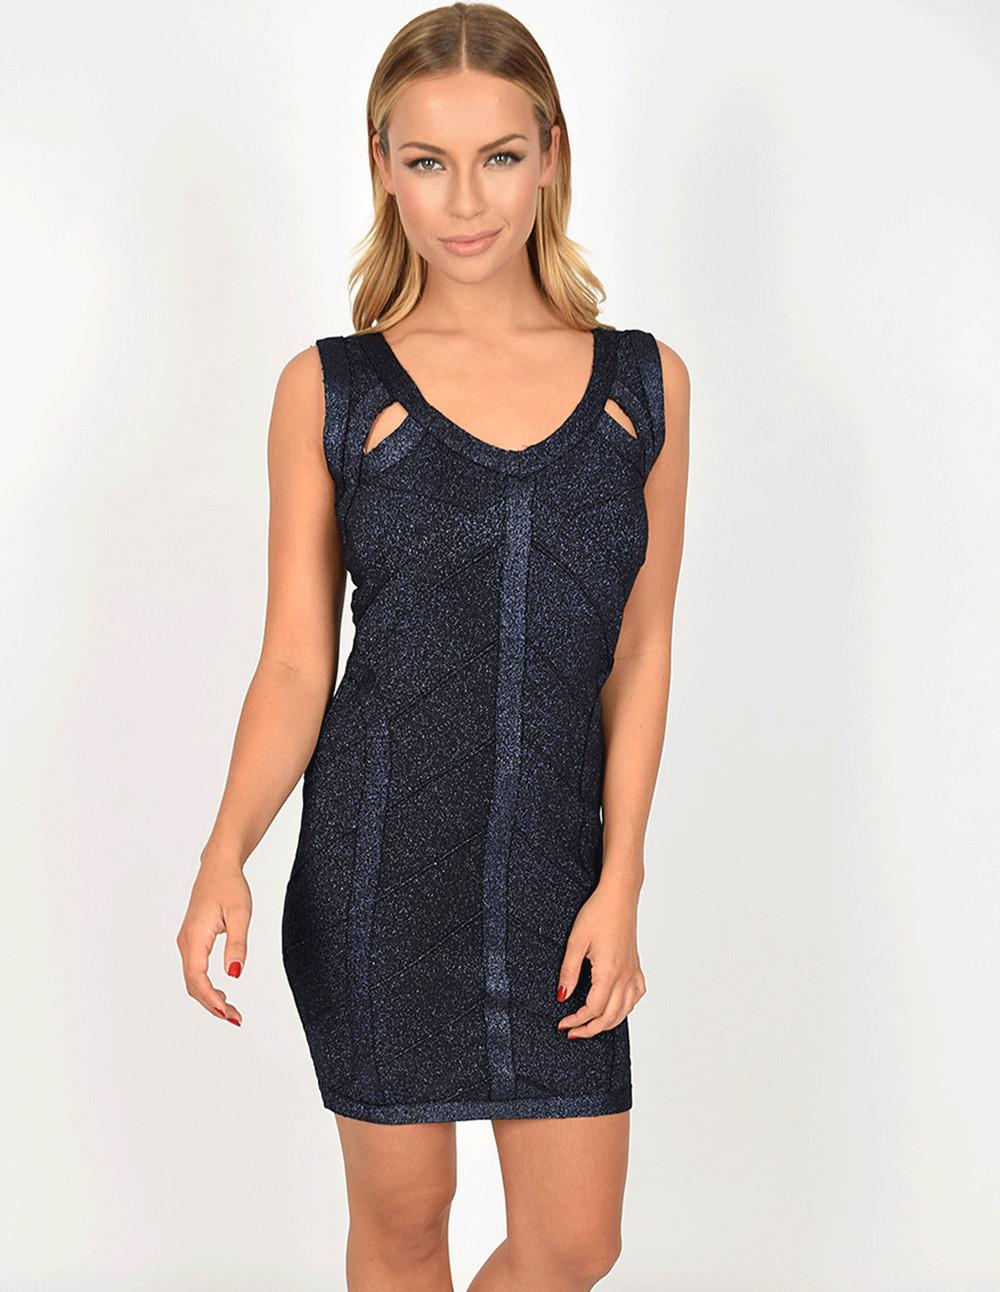 Blue Vanilla NICOLA - Lurex Knit Bodycon Dress in blue